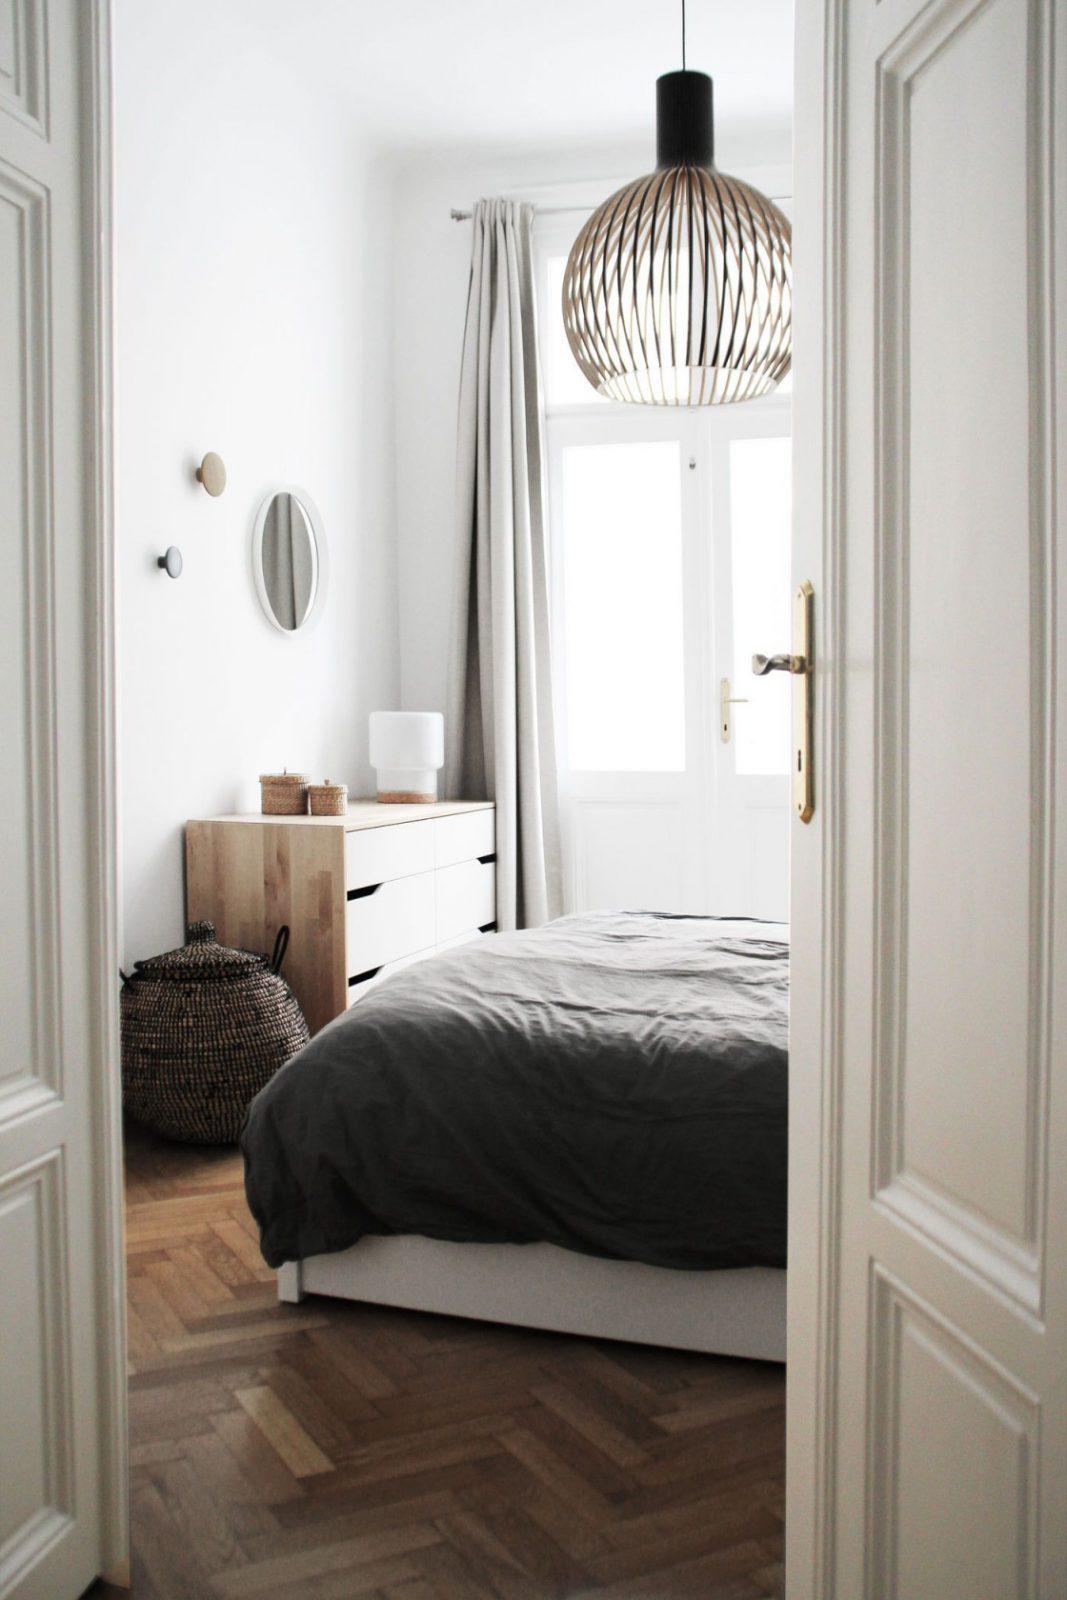 Schlafzimmer Ideen Zum Einrichten  Gestalten von Schöne Schlafzimmer Ideen Bild